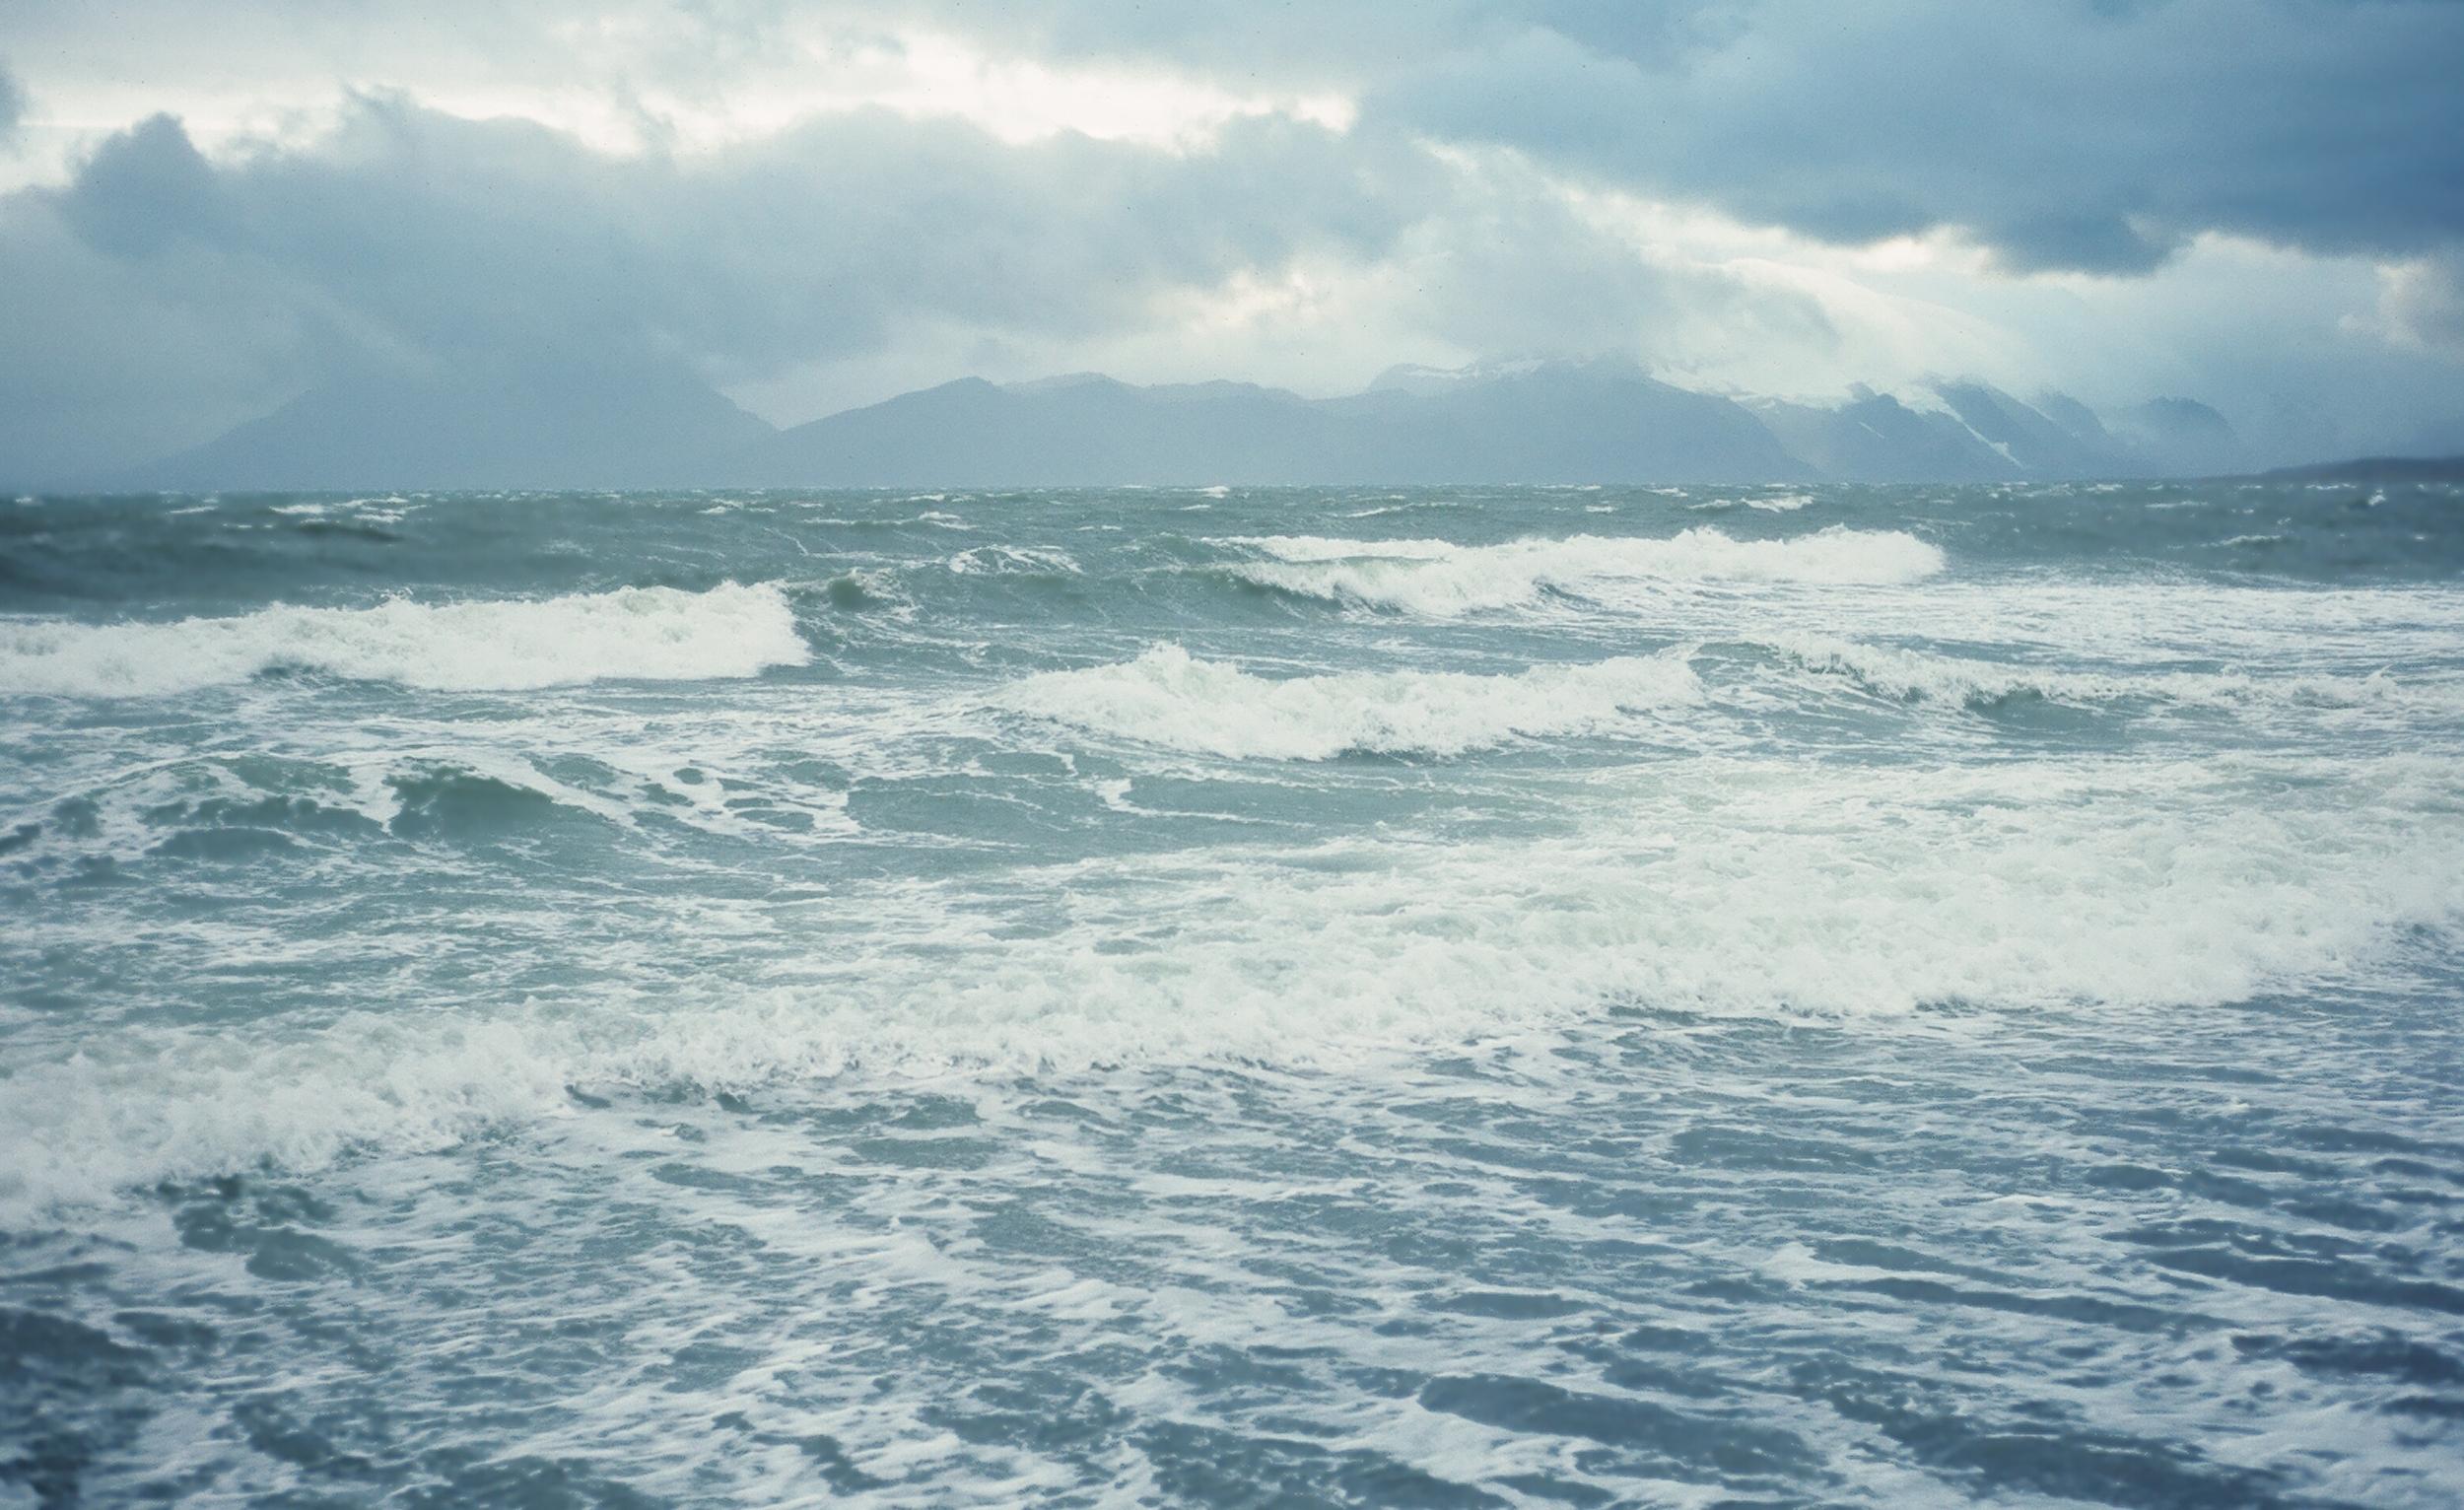 Bad seas at Cold Bay.